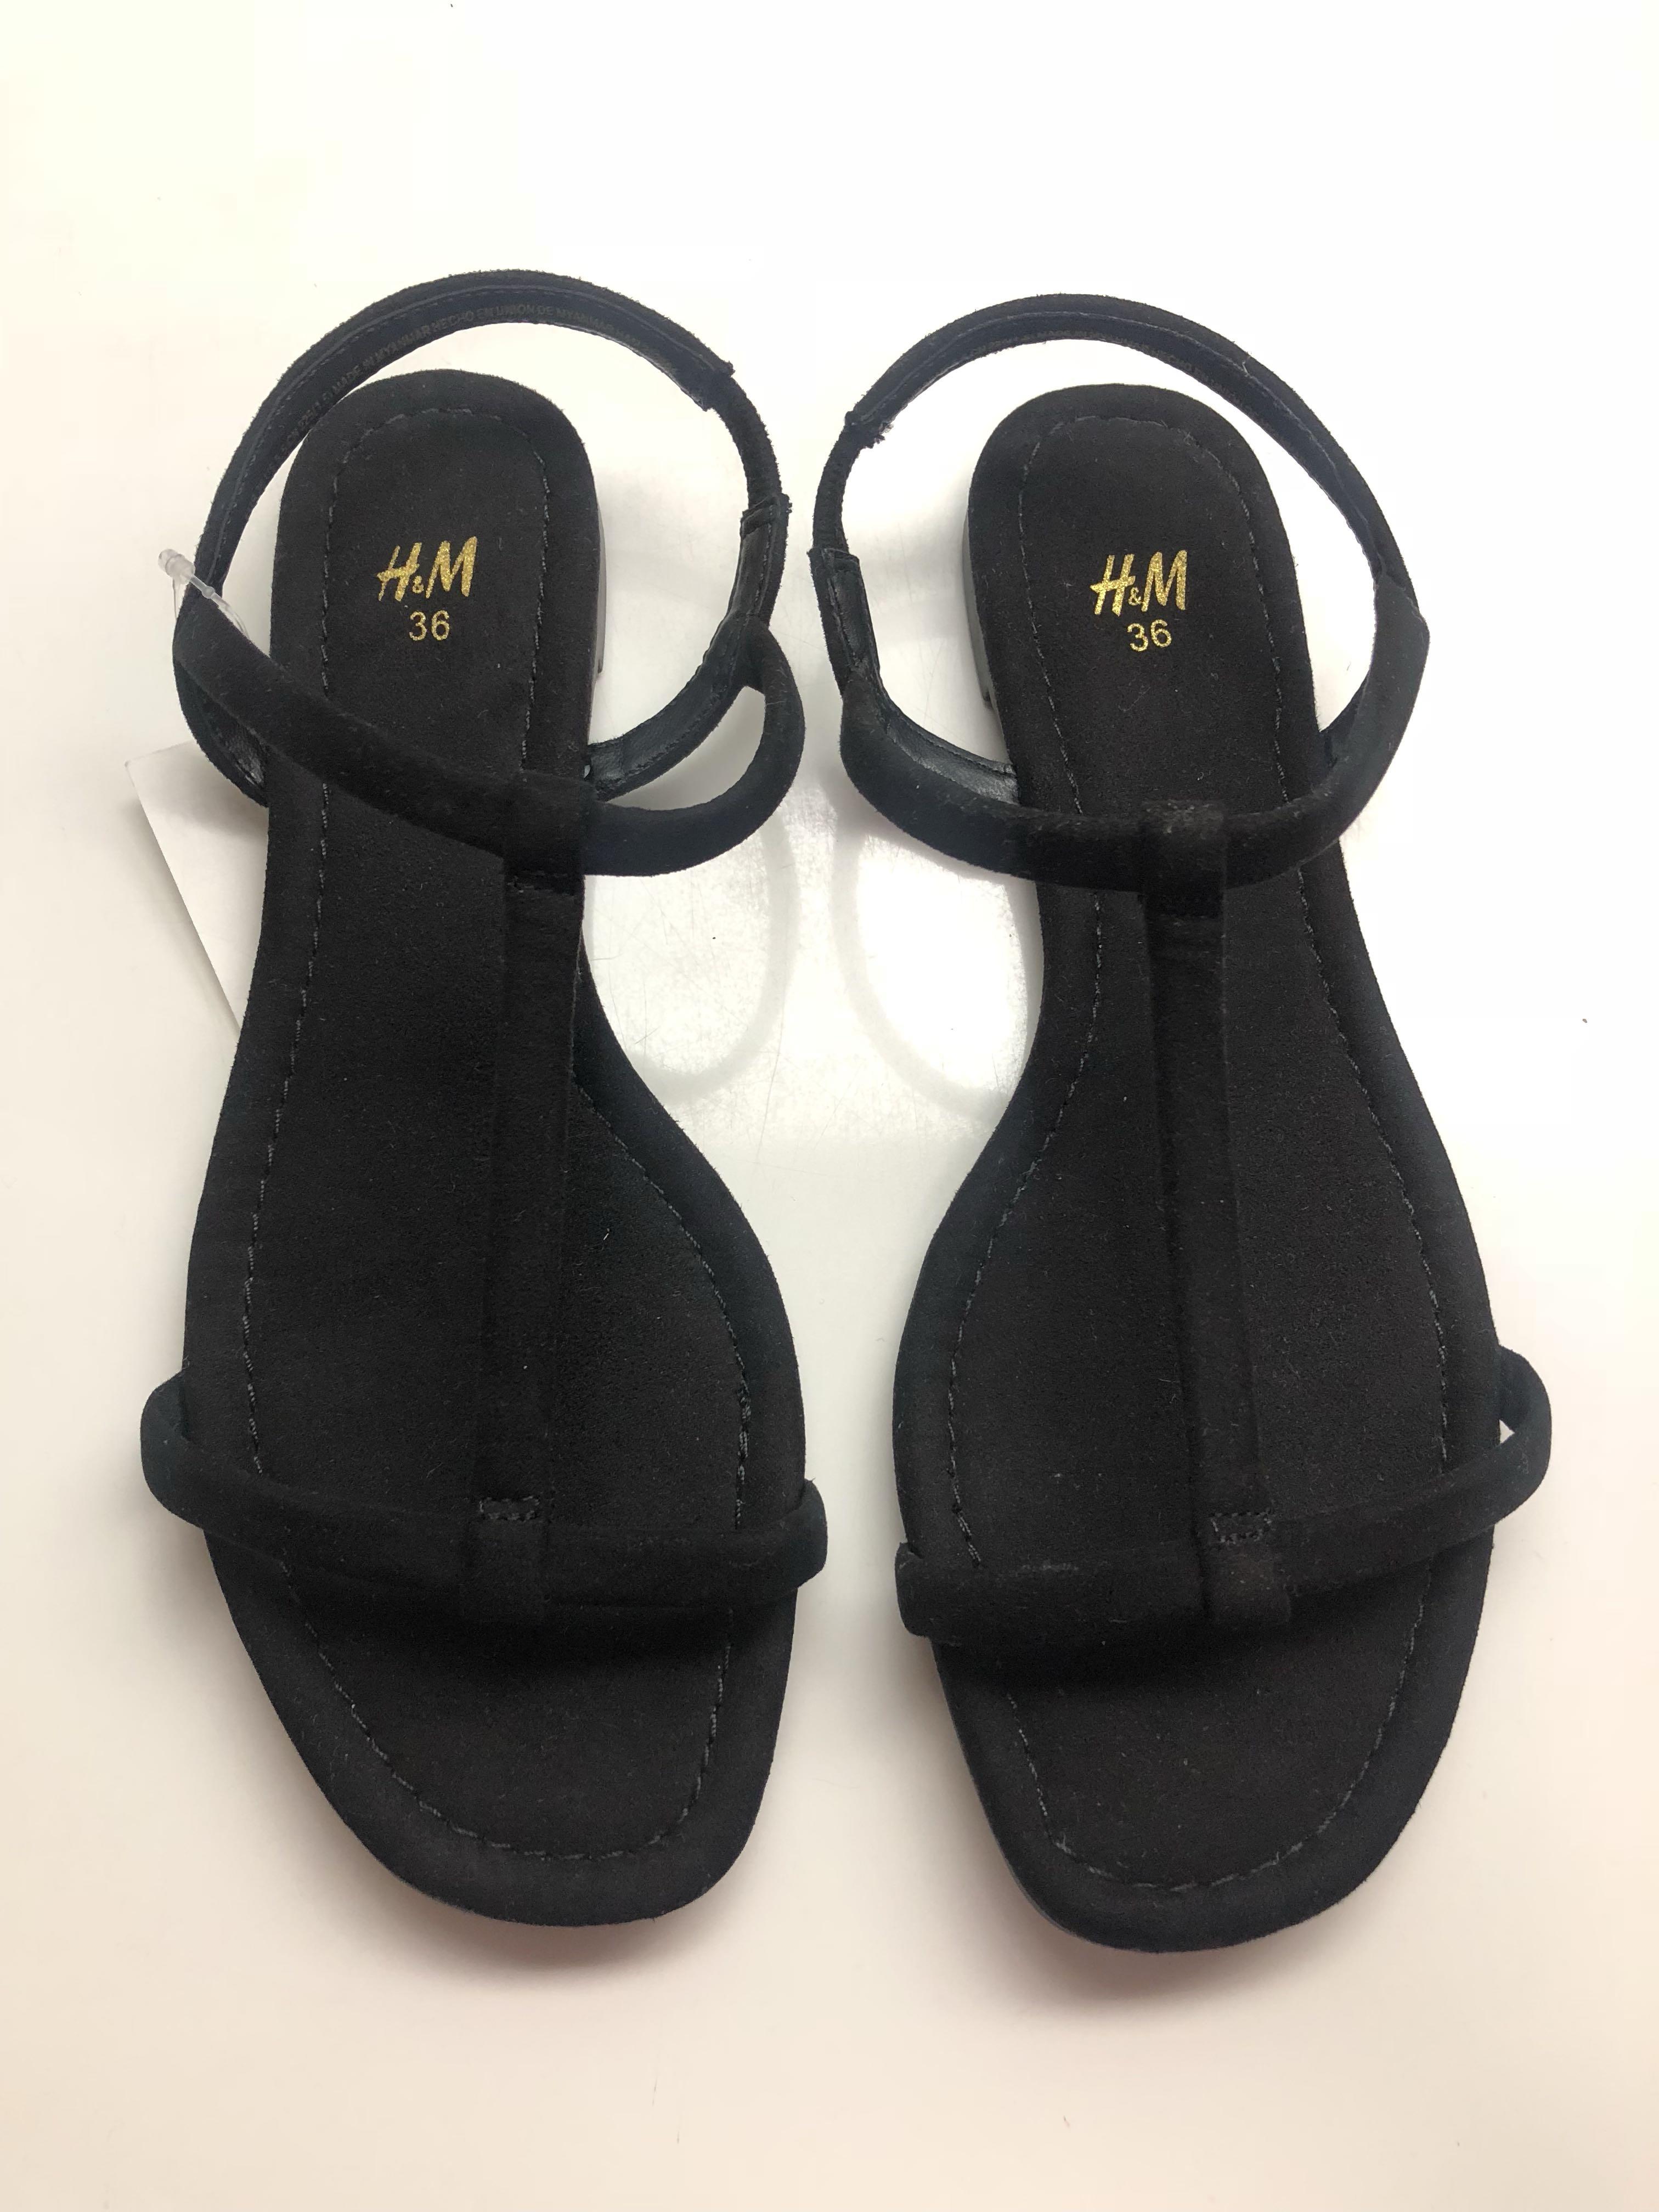 BNWT H\u0026M Black Sandals in EU36, Women's